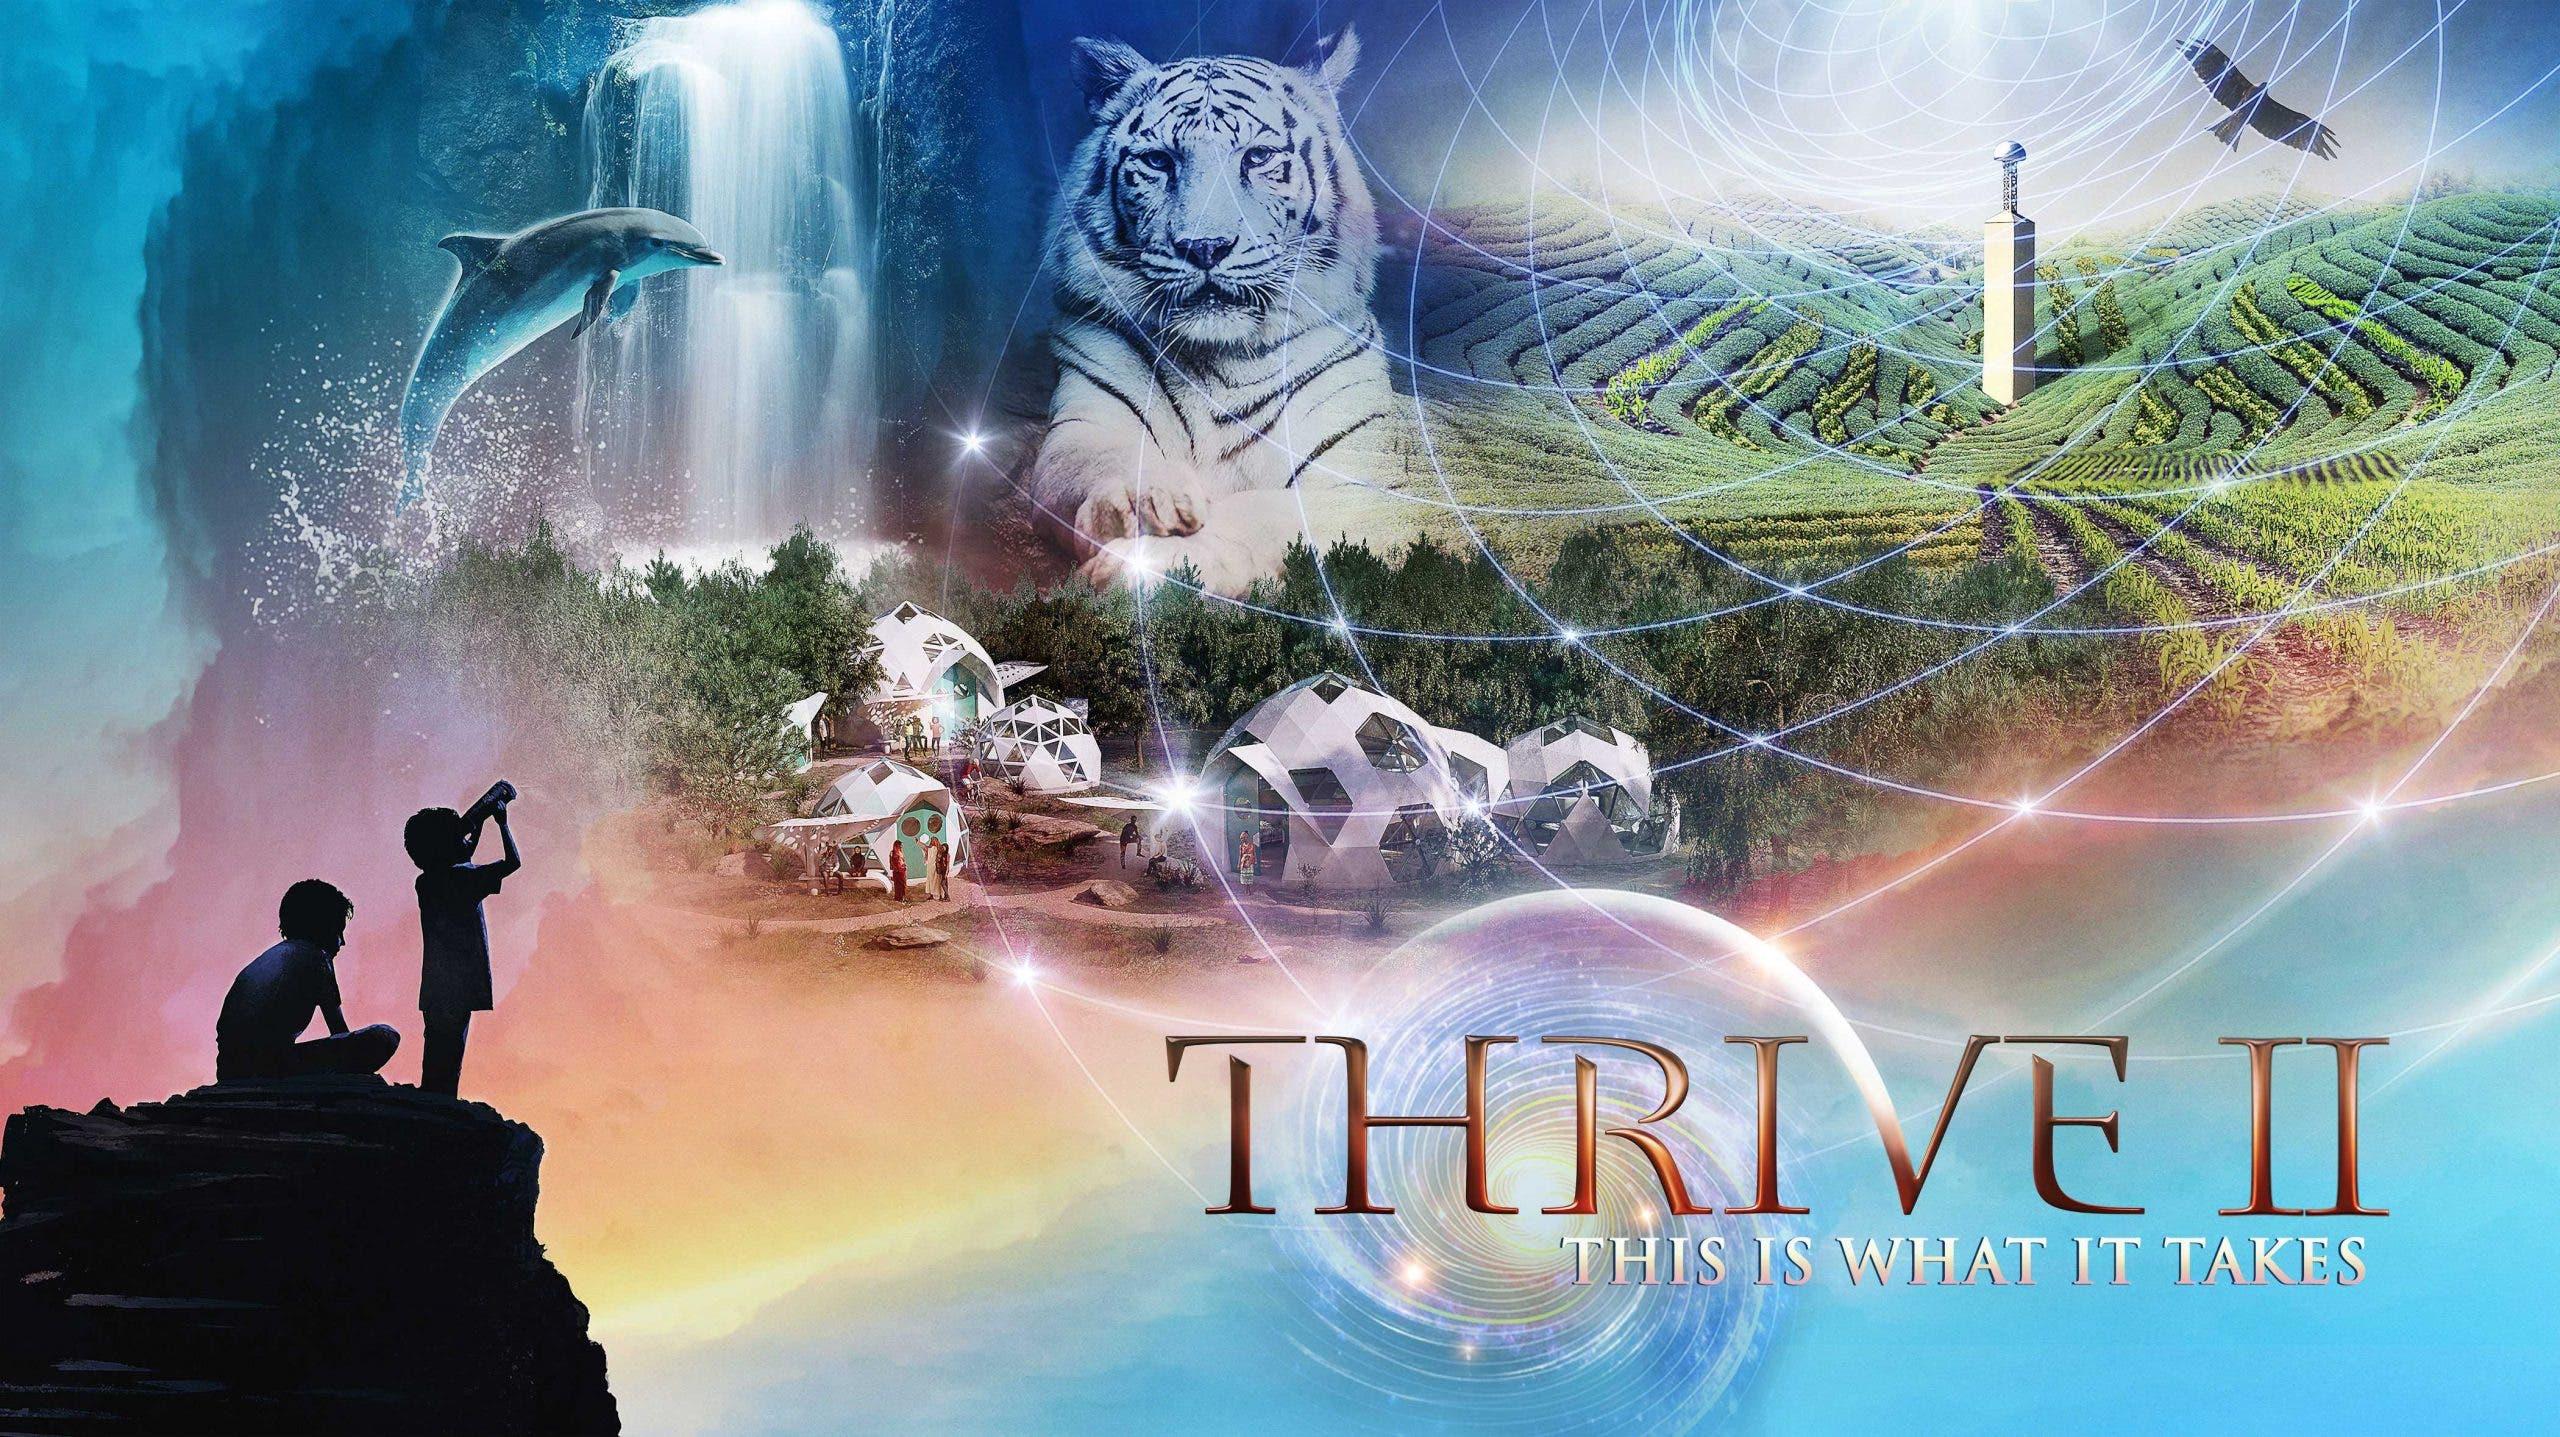 Thrive II